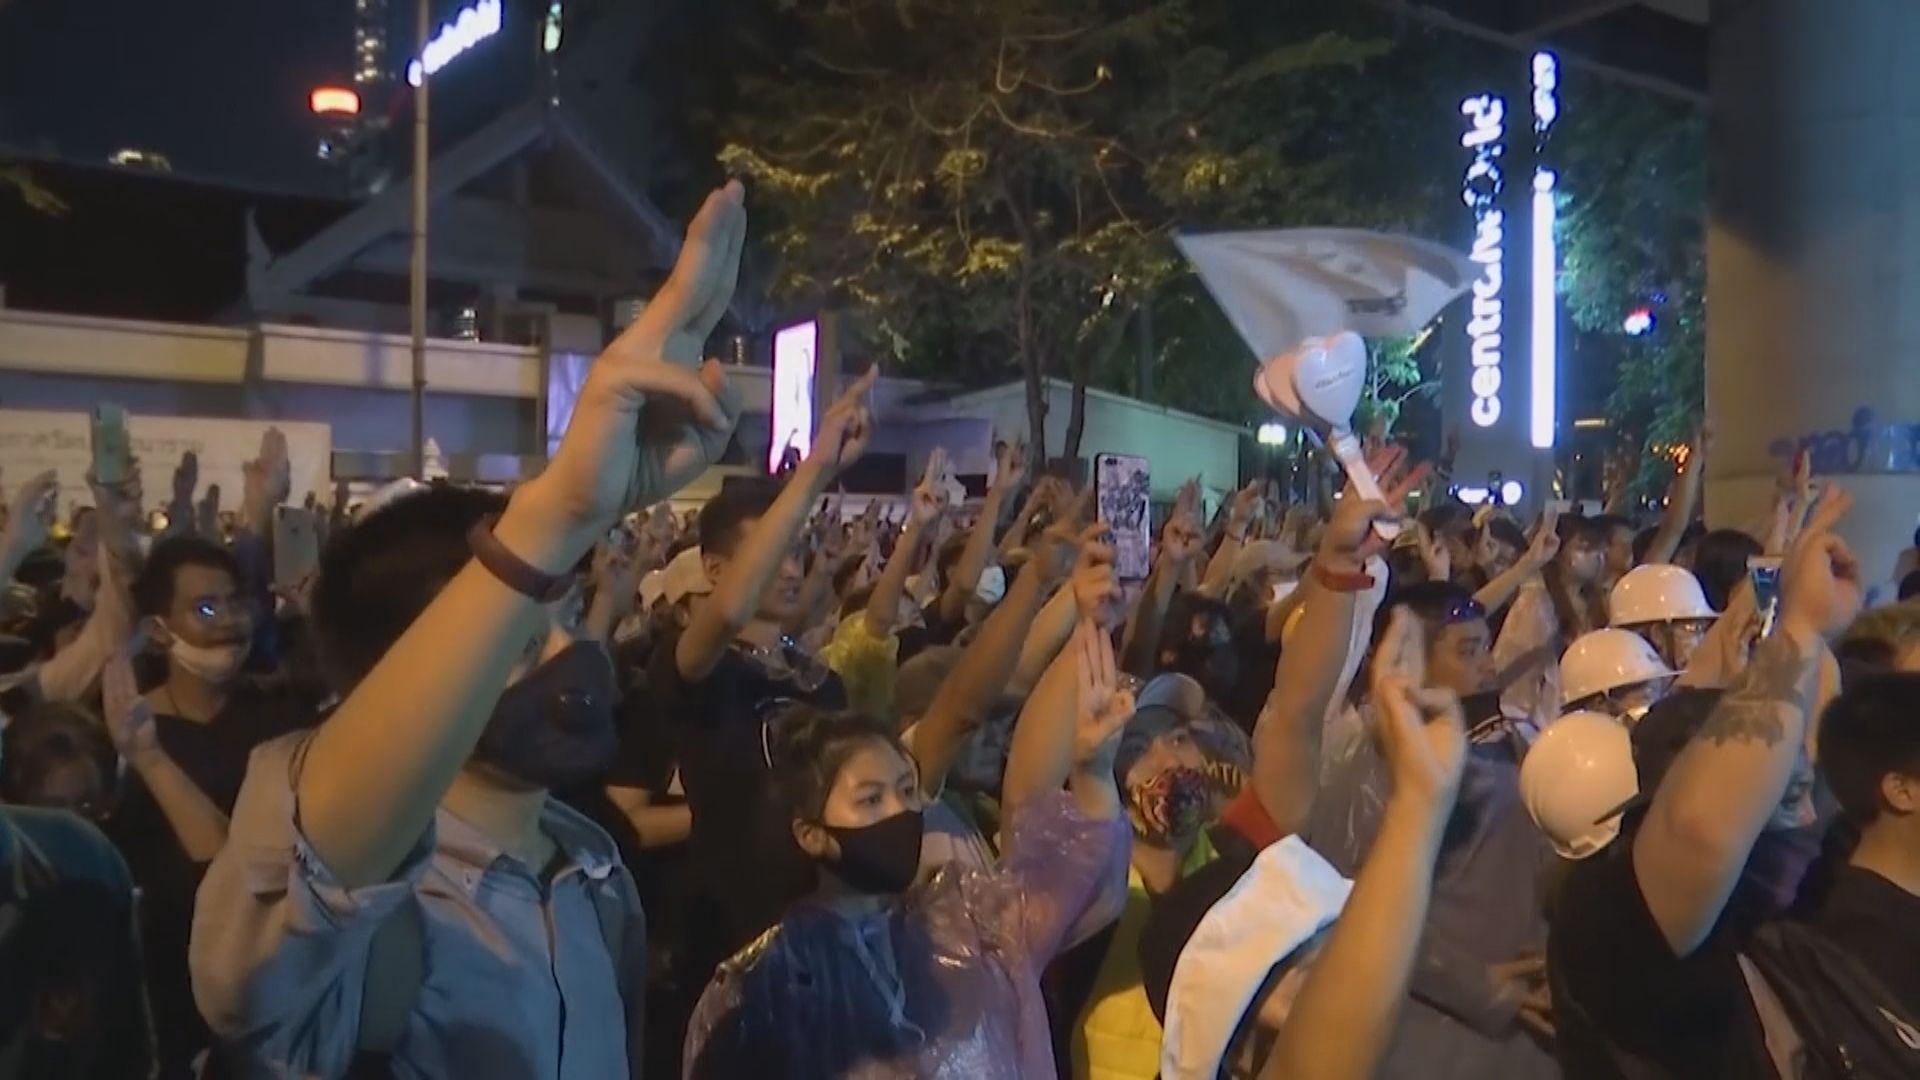 泰總理巴育指會用所有法律平息示威